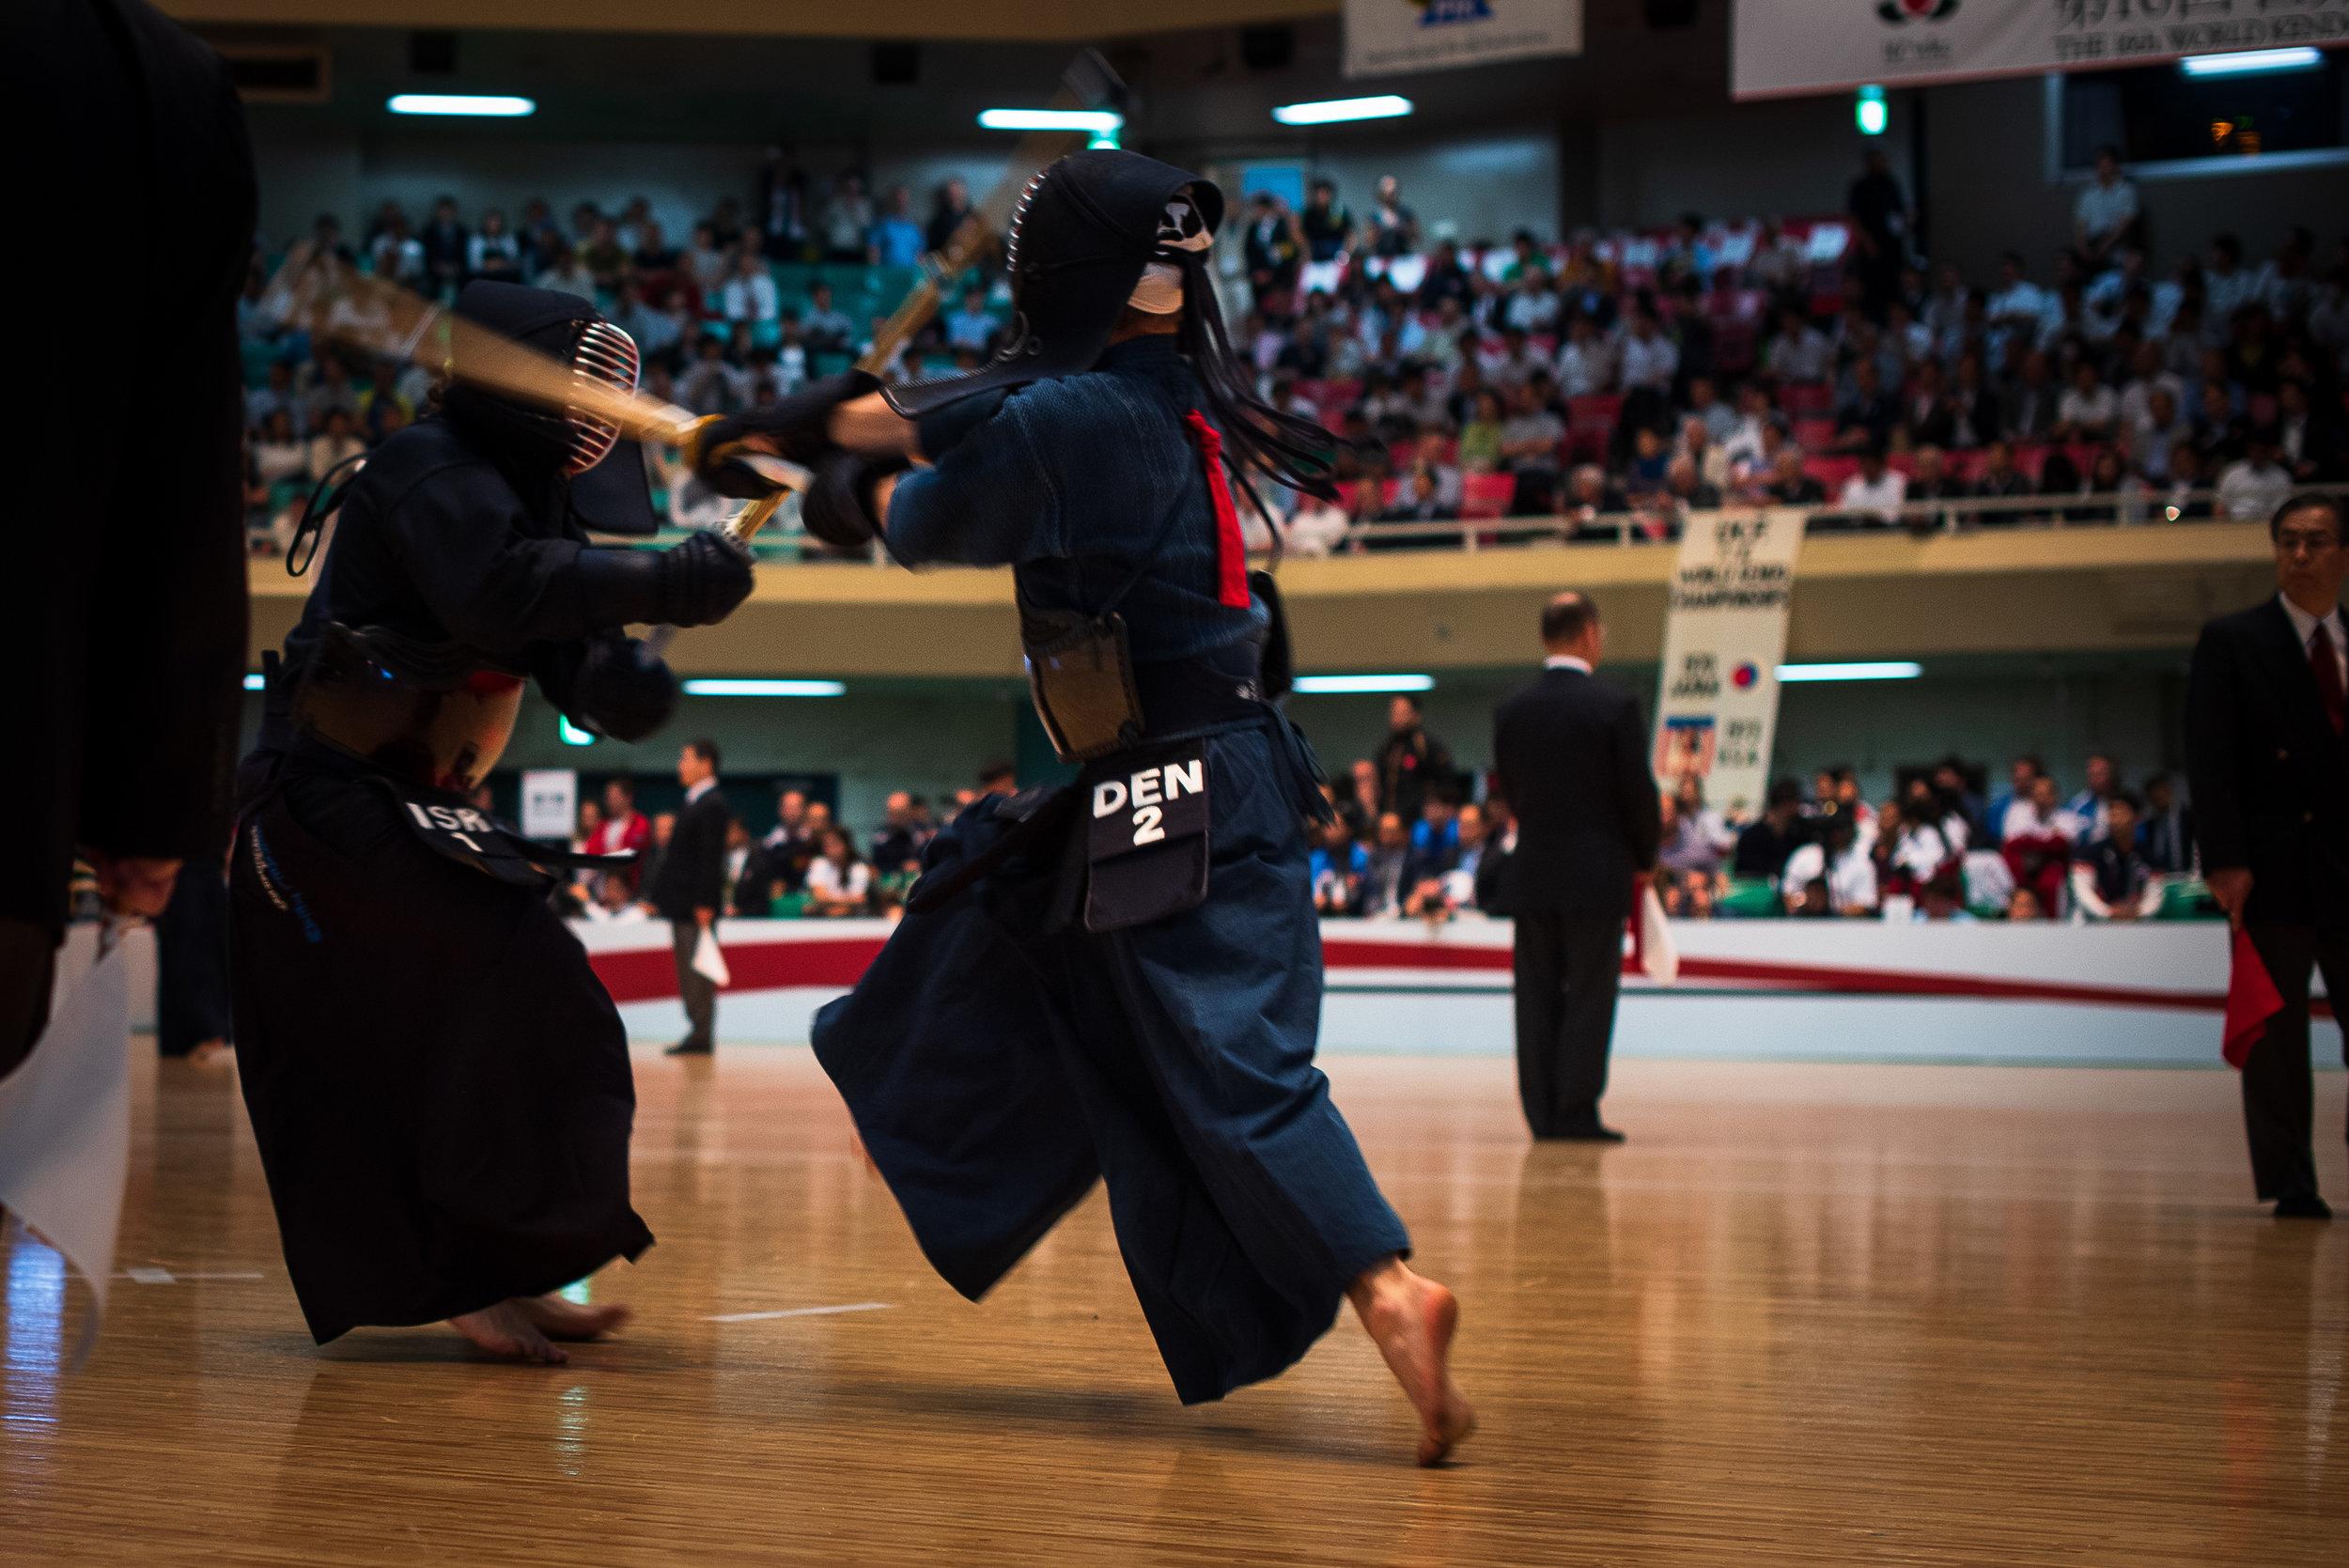 Kendo japansk fægtning.jpg